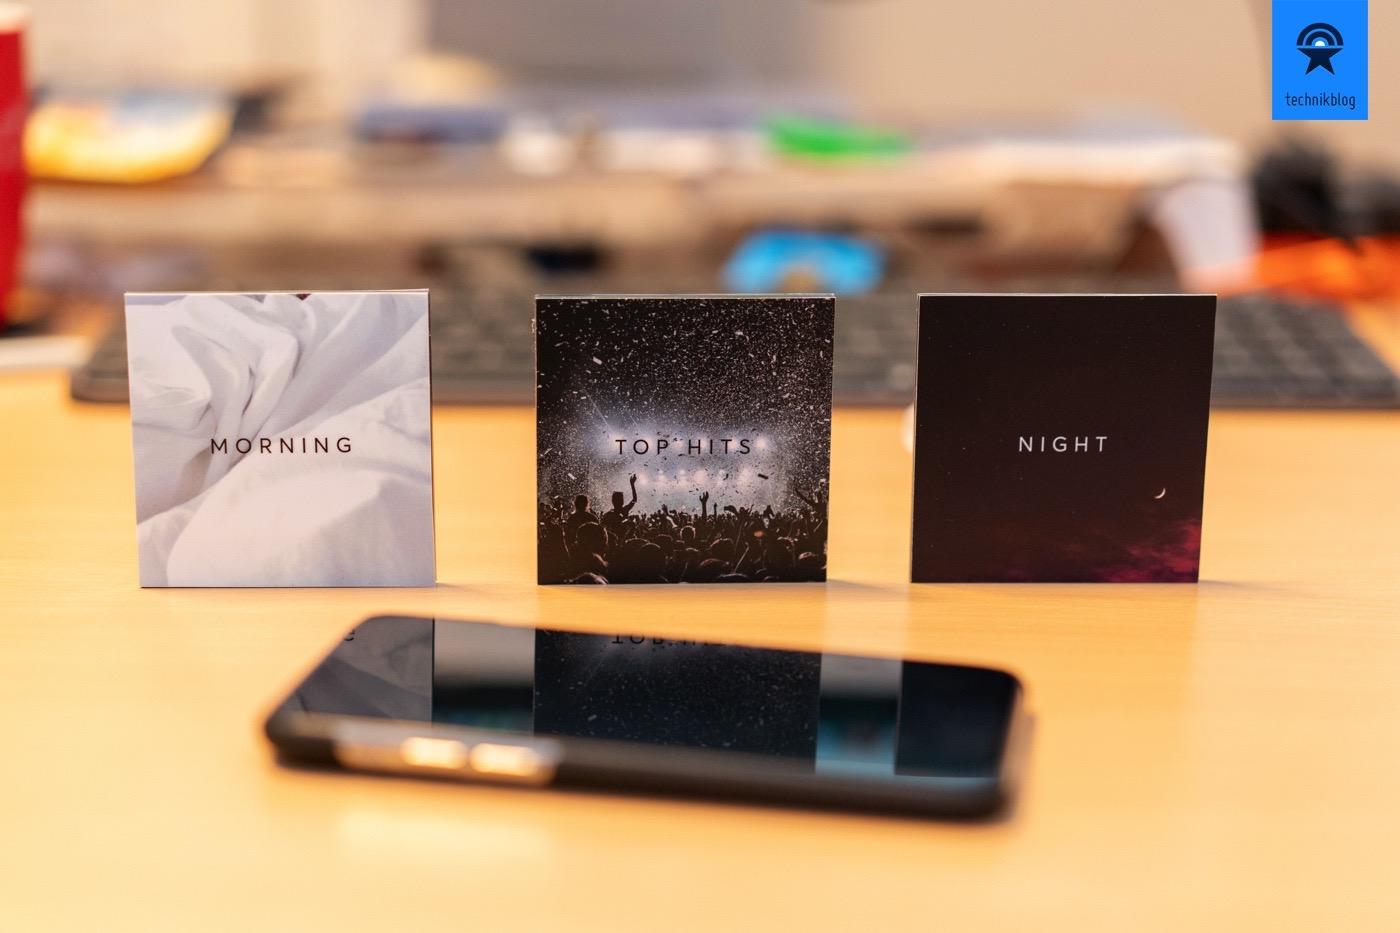 Testbericht: Senic Muse Blocks - Mit NFC Tags Musik hören und vieles mehr...